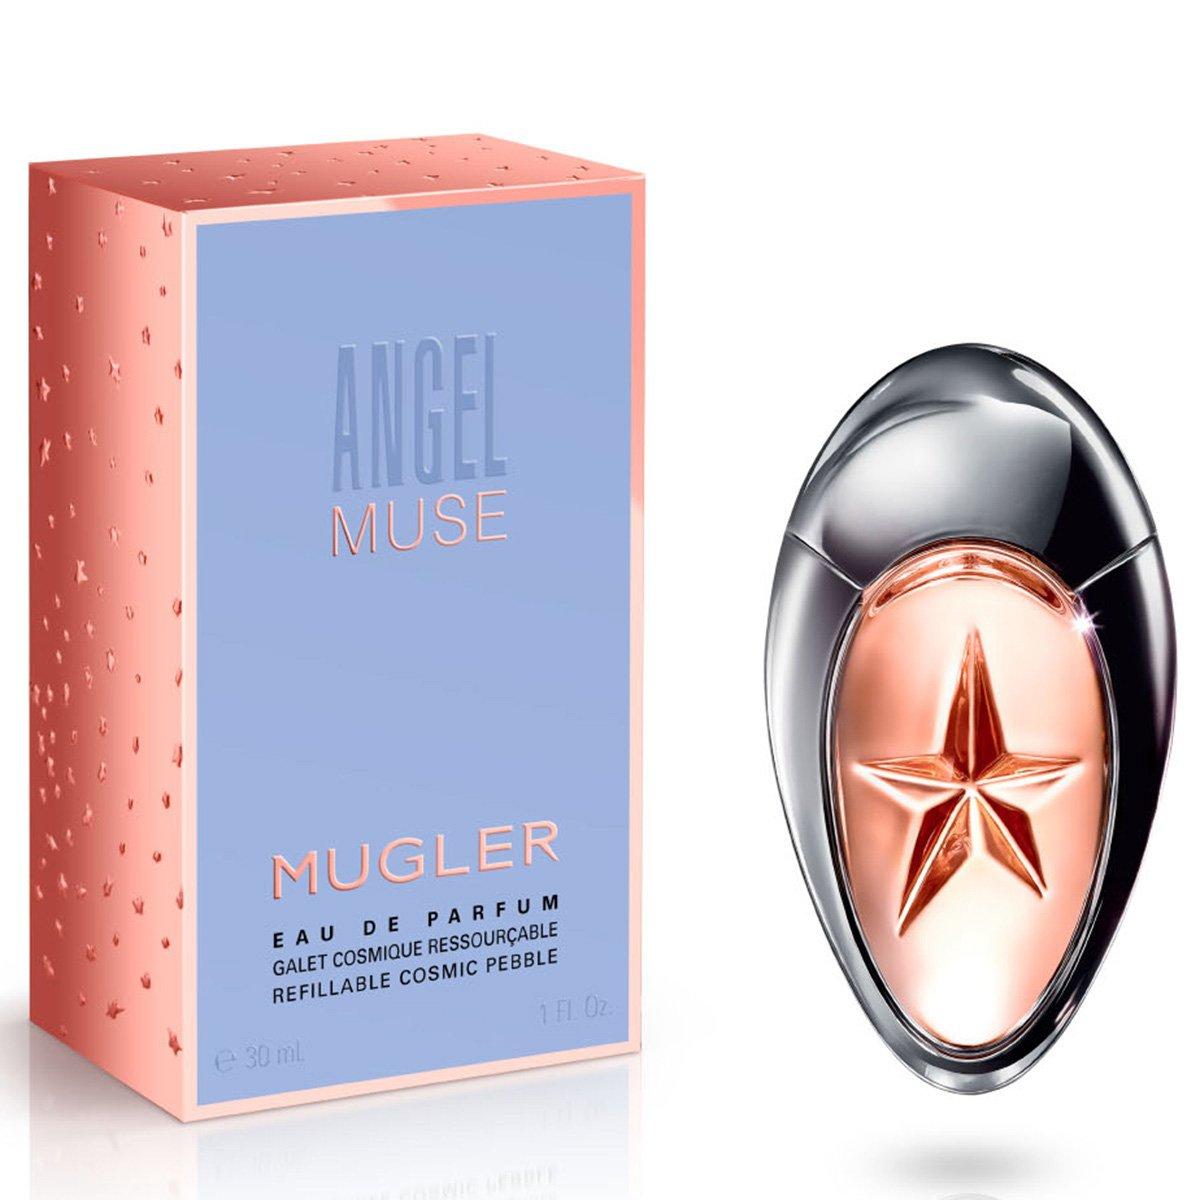 Angel Muse Mugler Eau de Parfum - Perfume Feminino 30ml